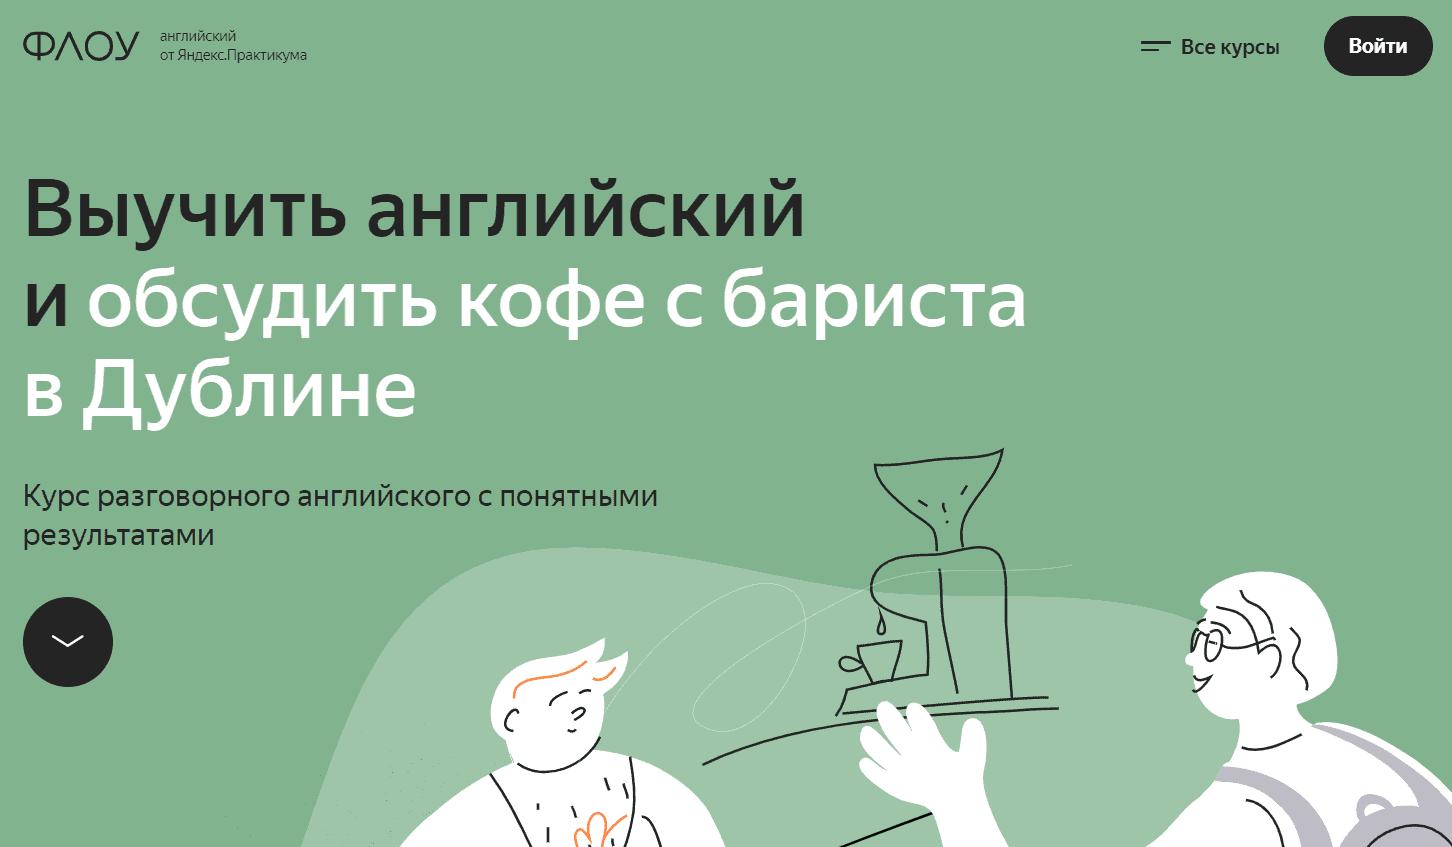 Флоу от Яндекс.Практикум